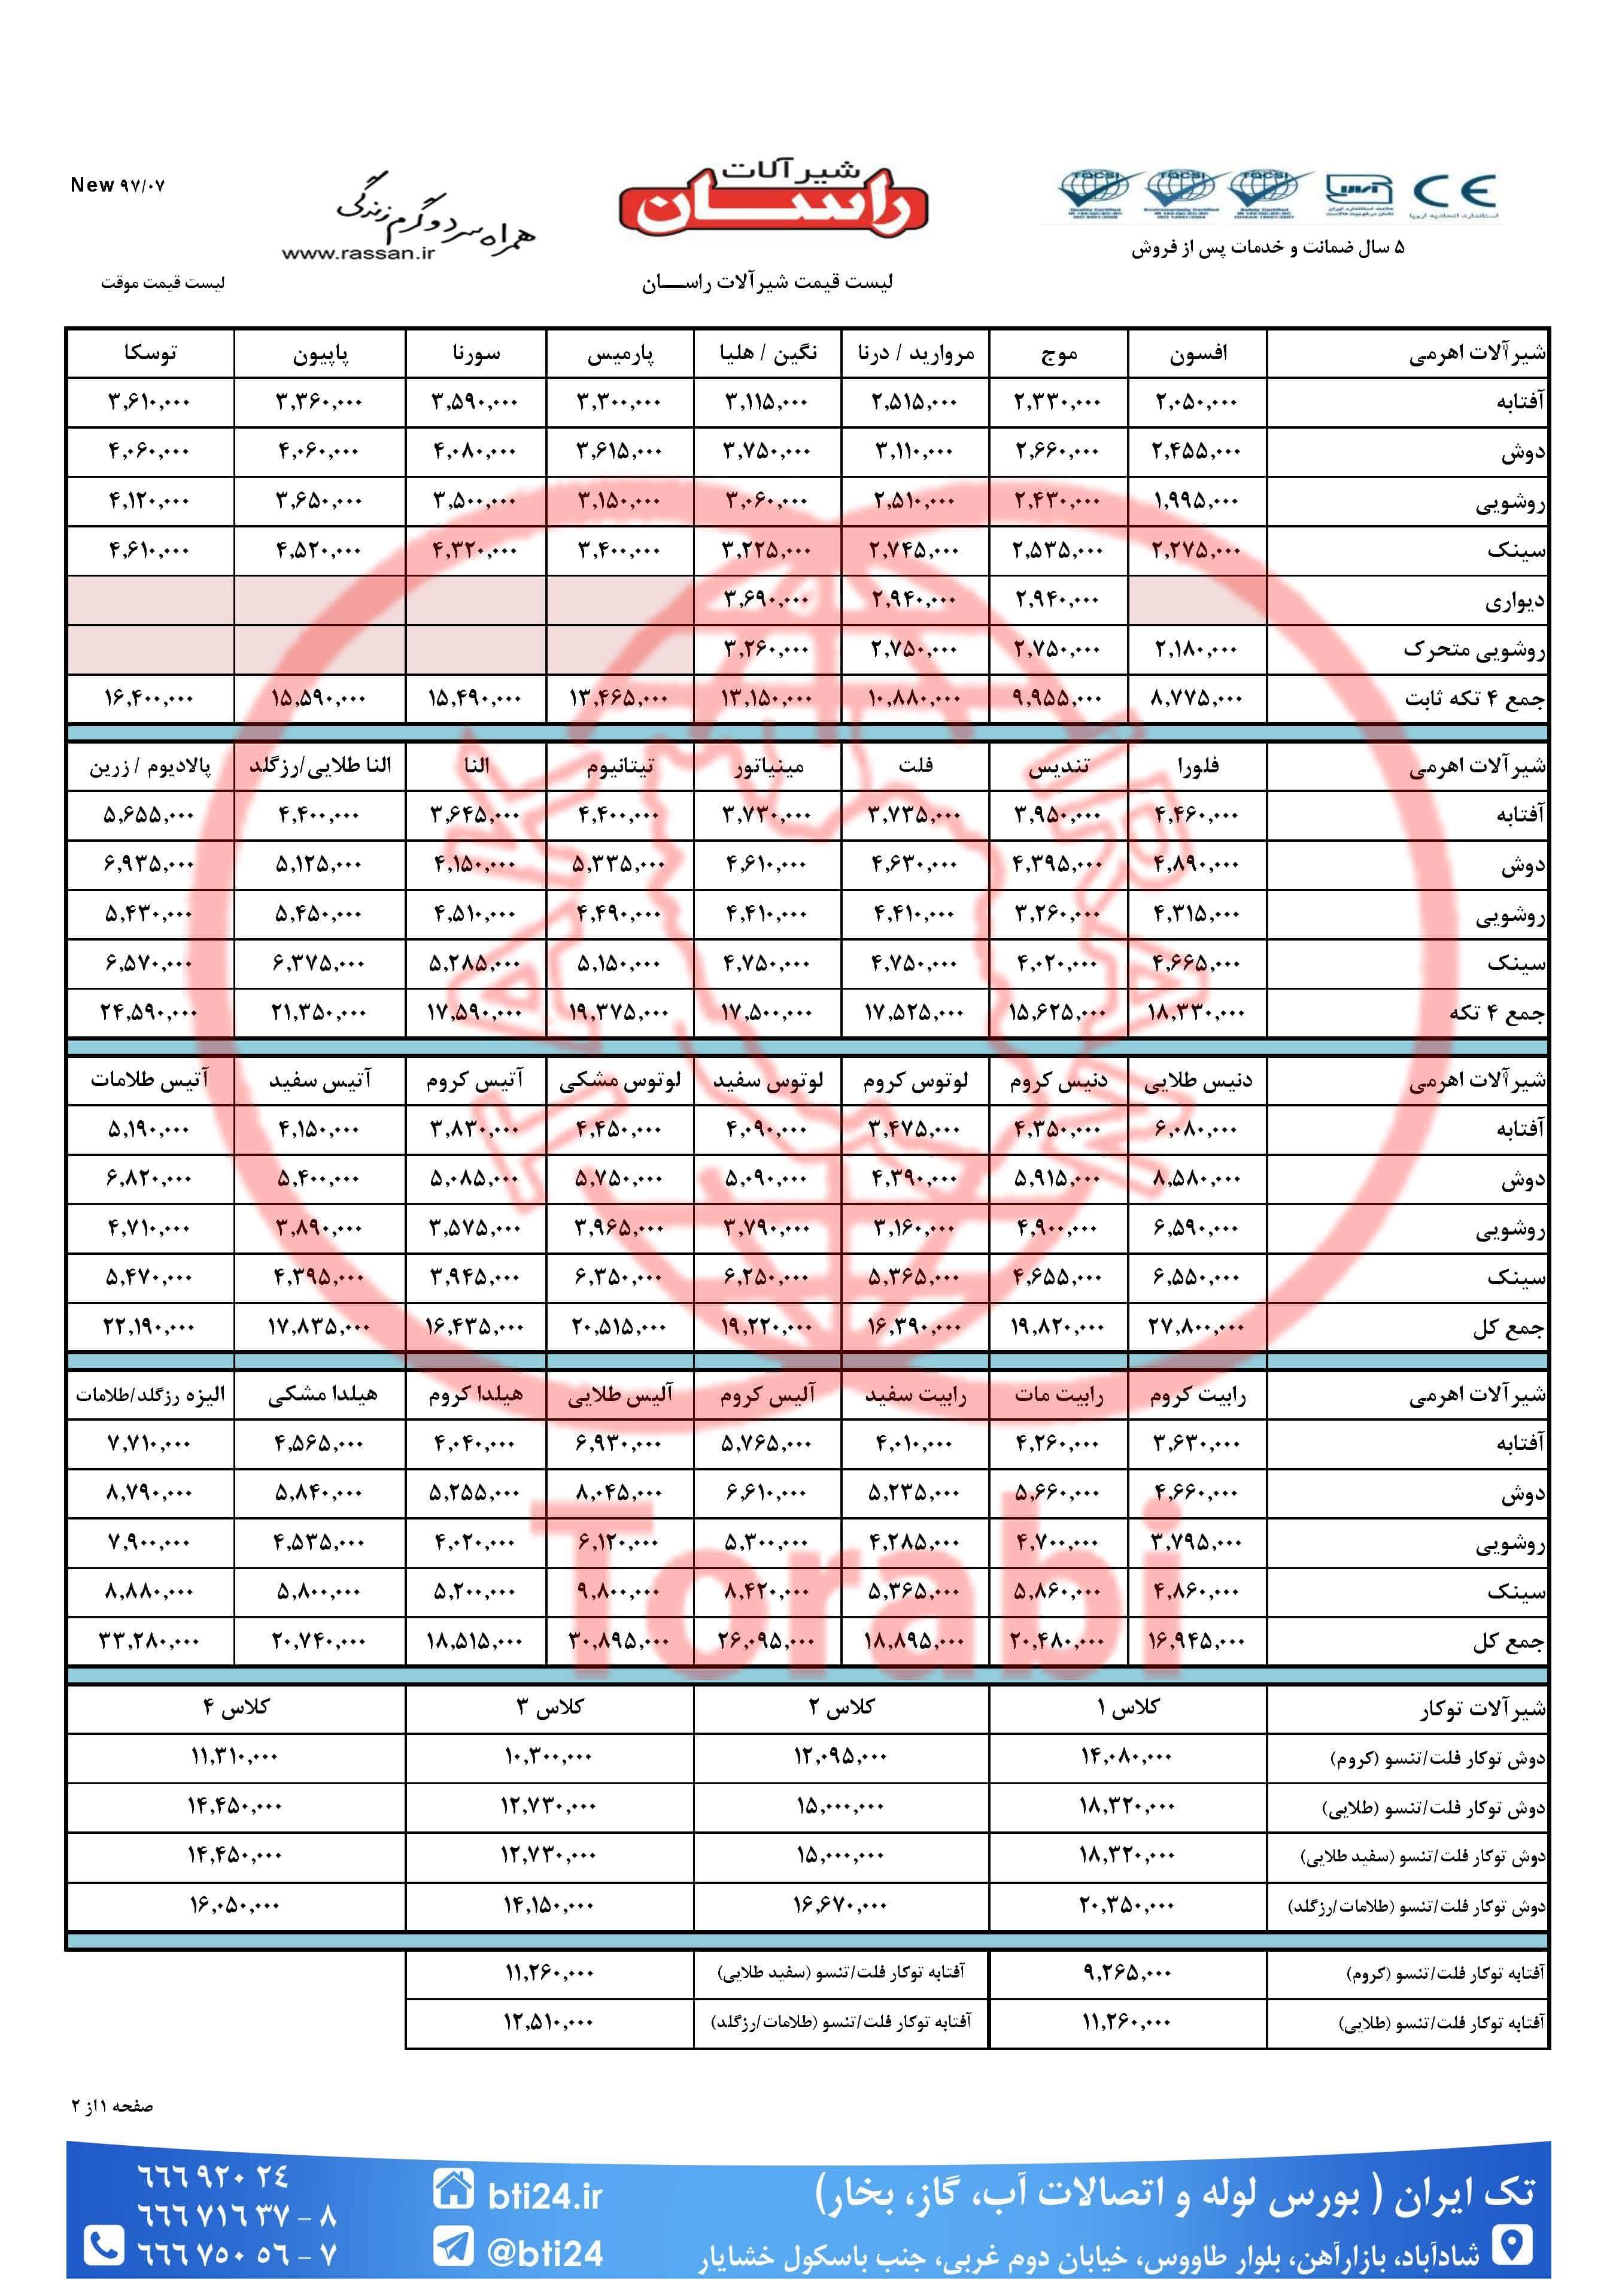 لیست قیمت شیرآلات راسان صفحه 1